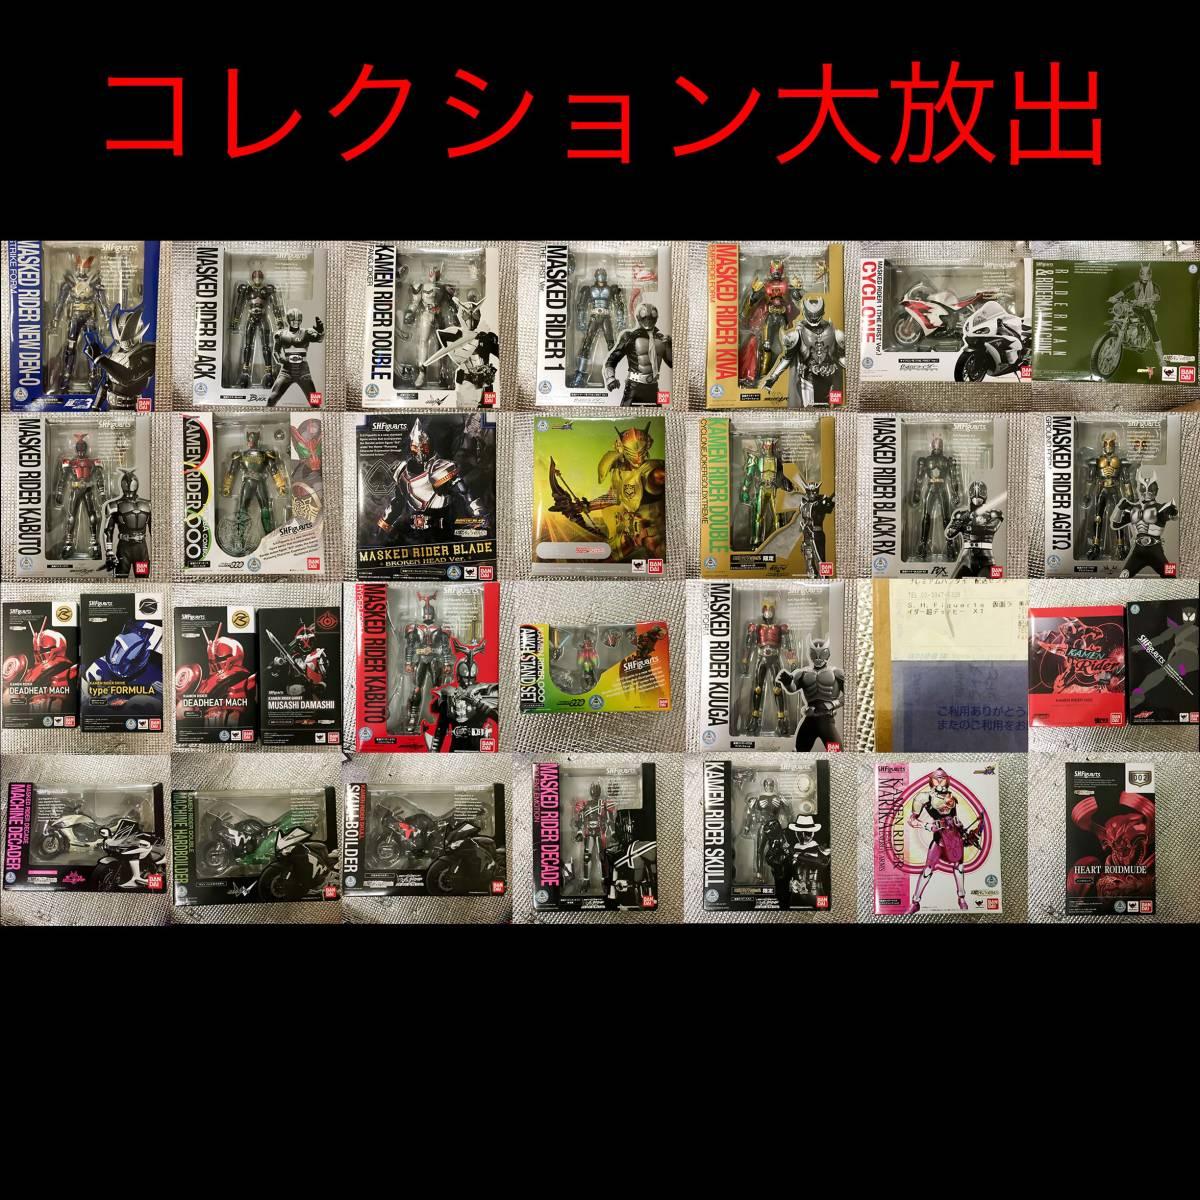 新品 観覧用 フィギュア S.H.Figuarts 仮面ライダー シリーズ色々 まとめて 大量セット 32体 ディケイド 鎧武 オーズ ドライブ フォーゼ 他